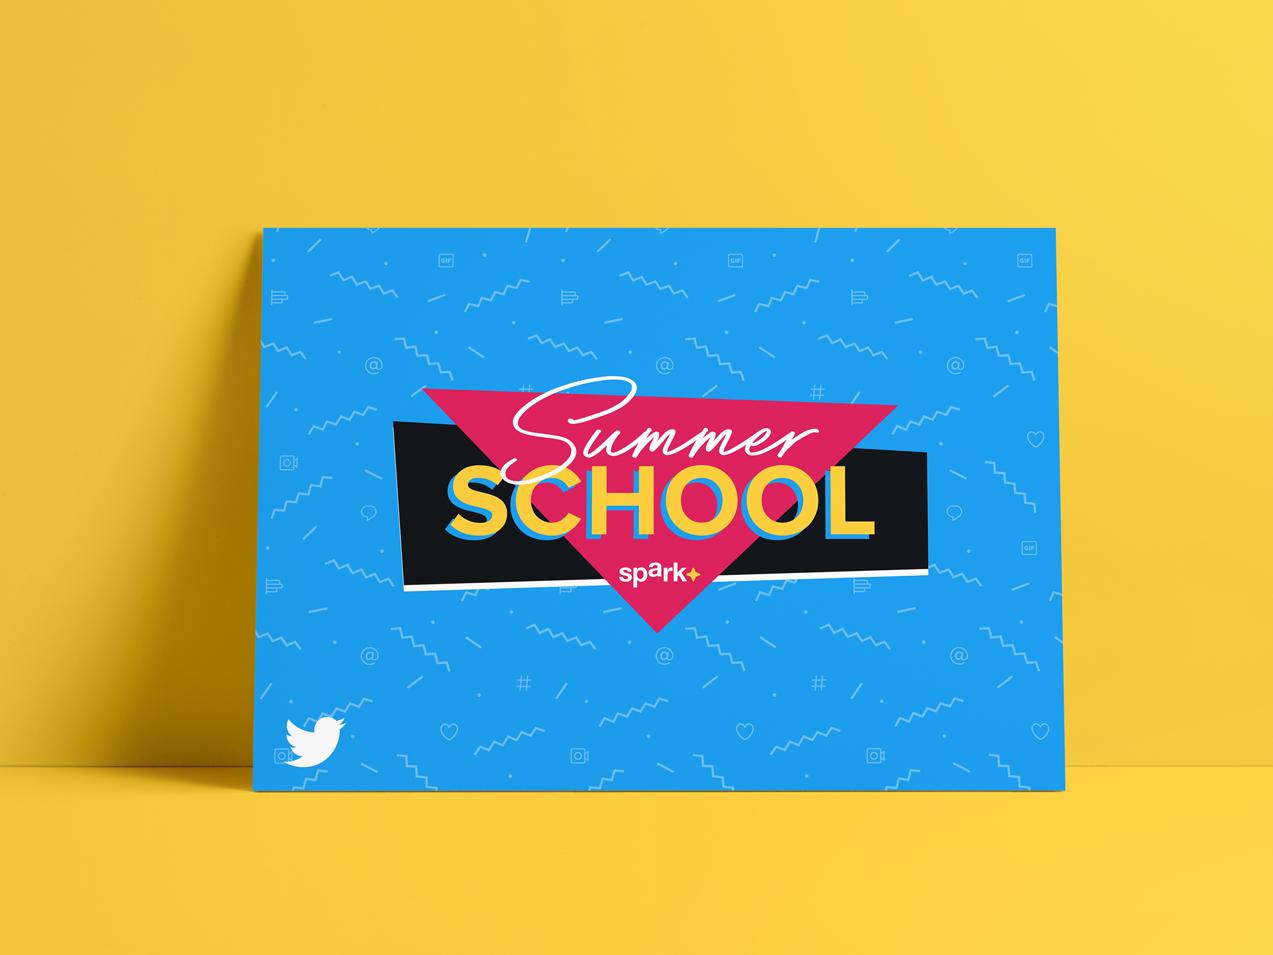 Spark summer school poster